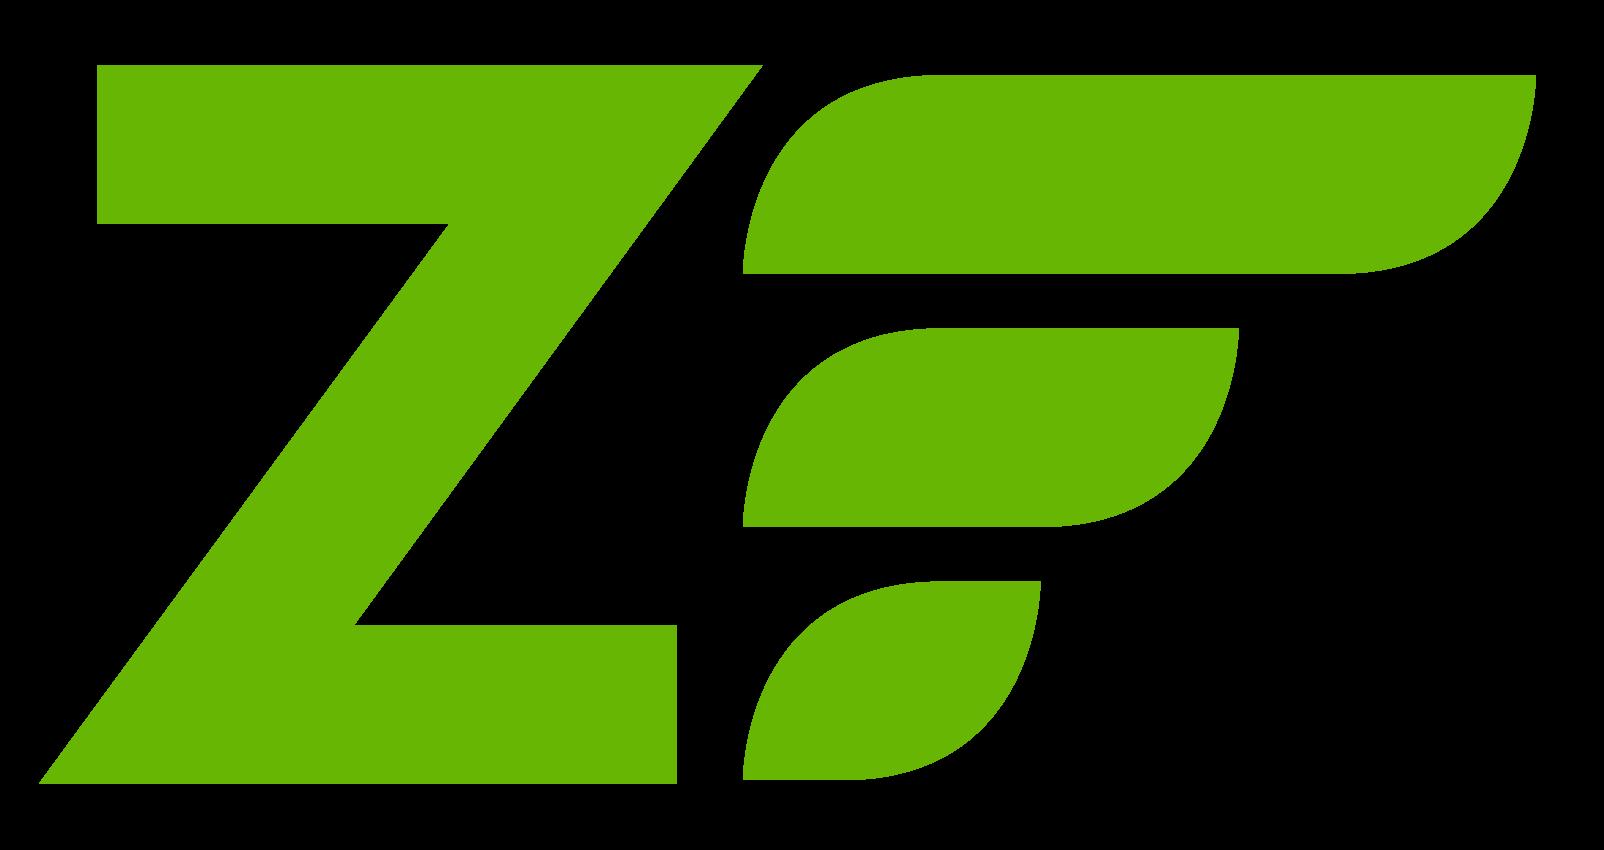 Faire des requêtes avec Zend Db sans écrire de SQL